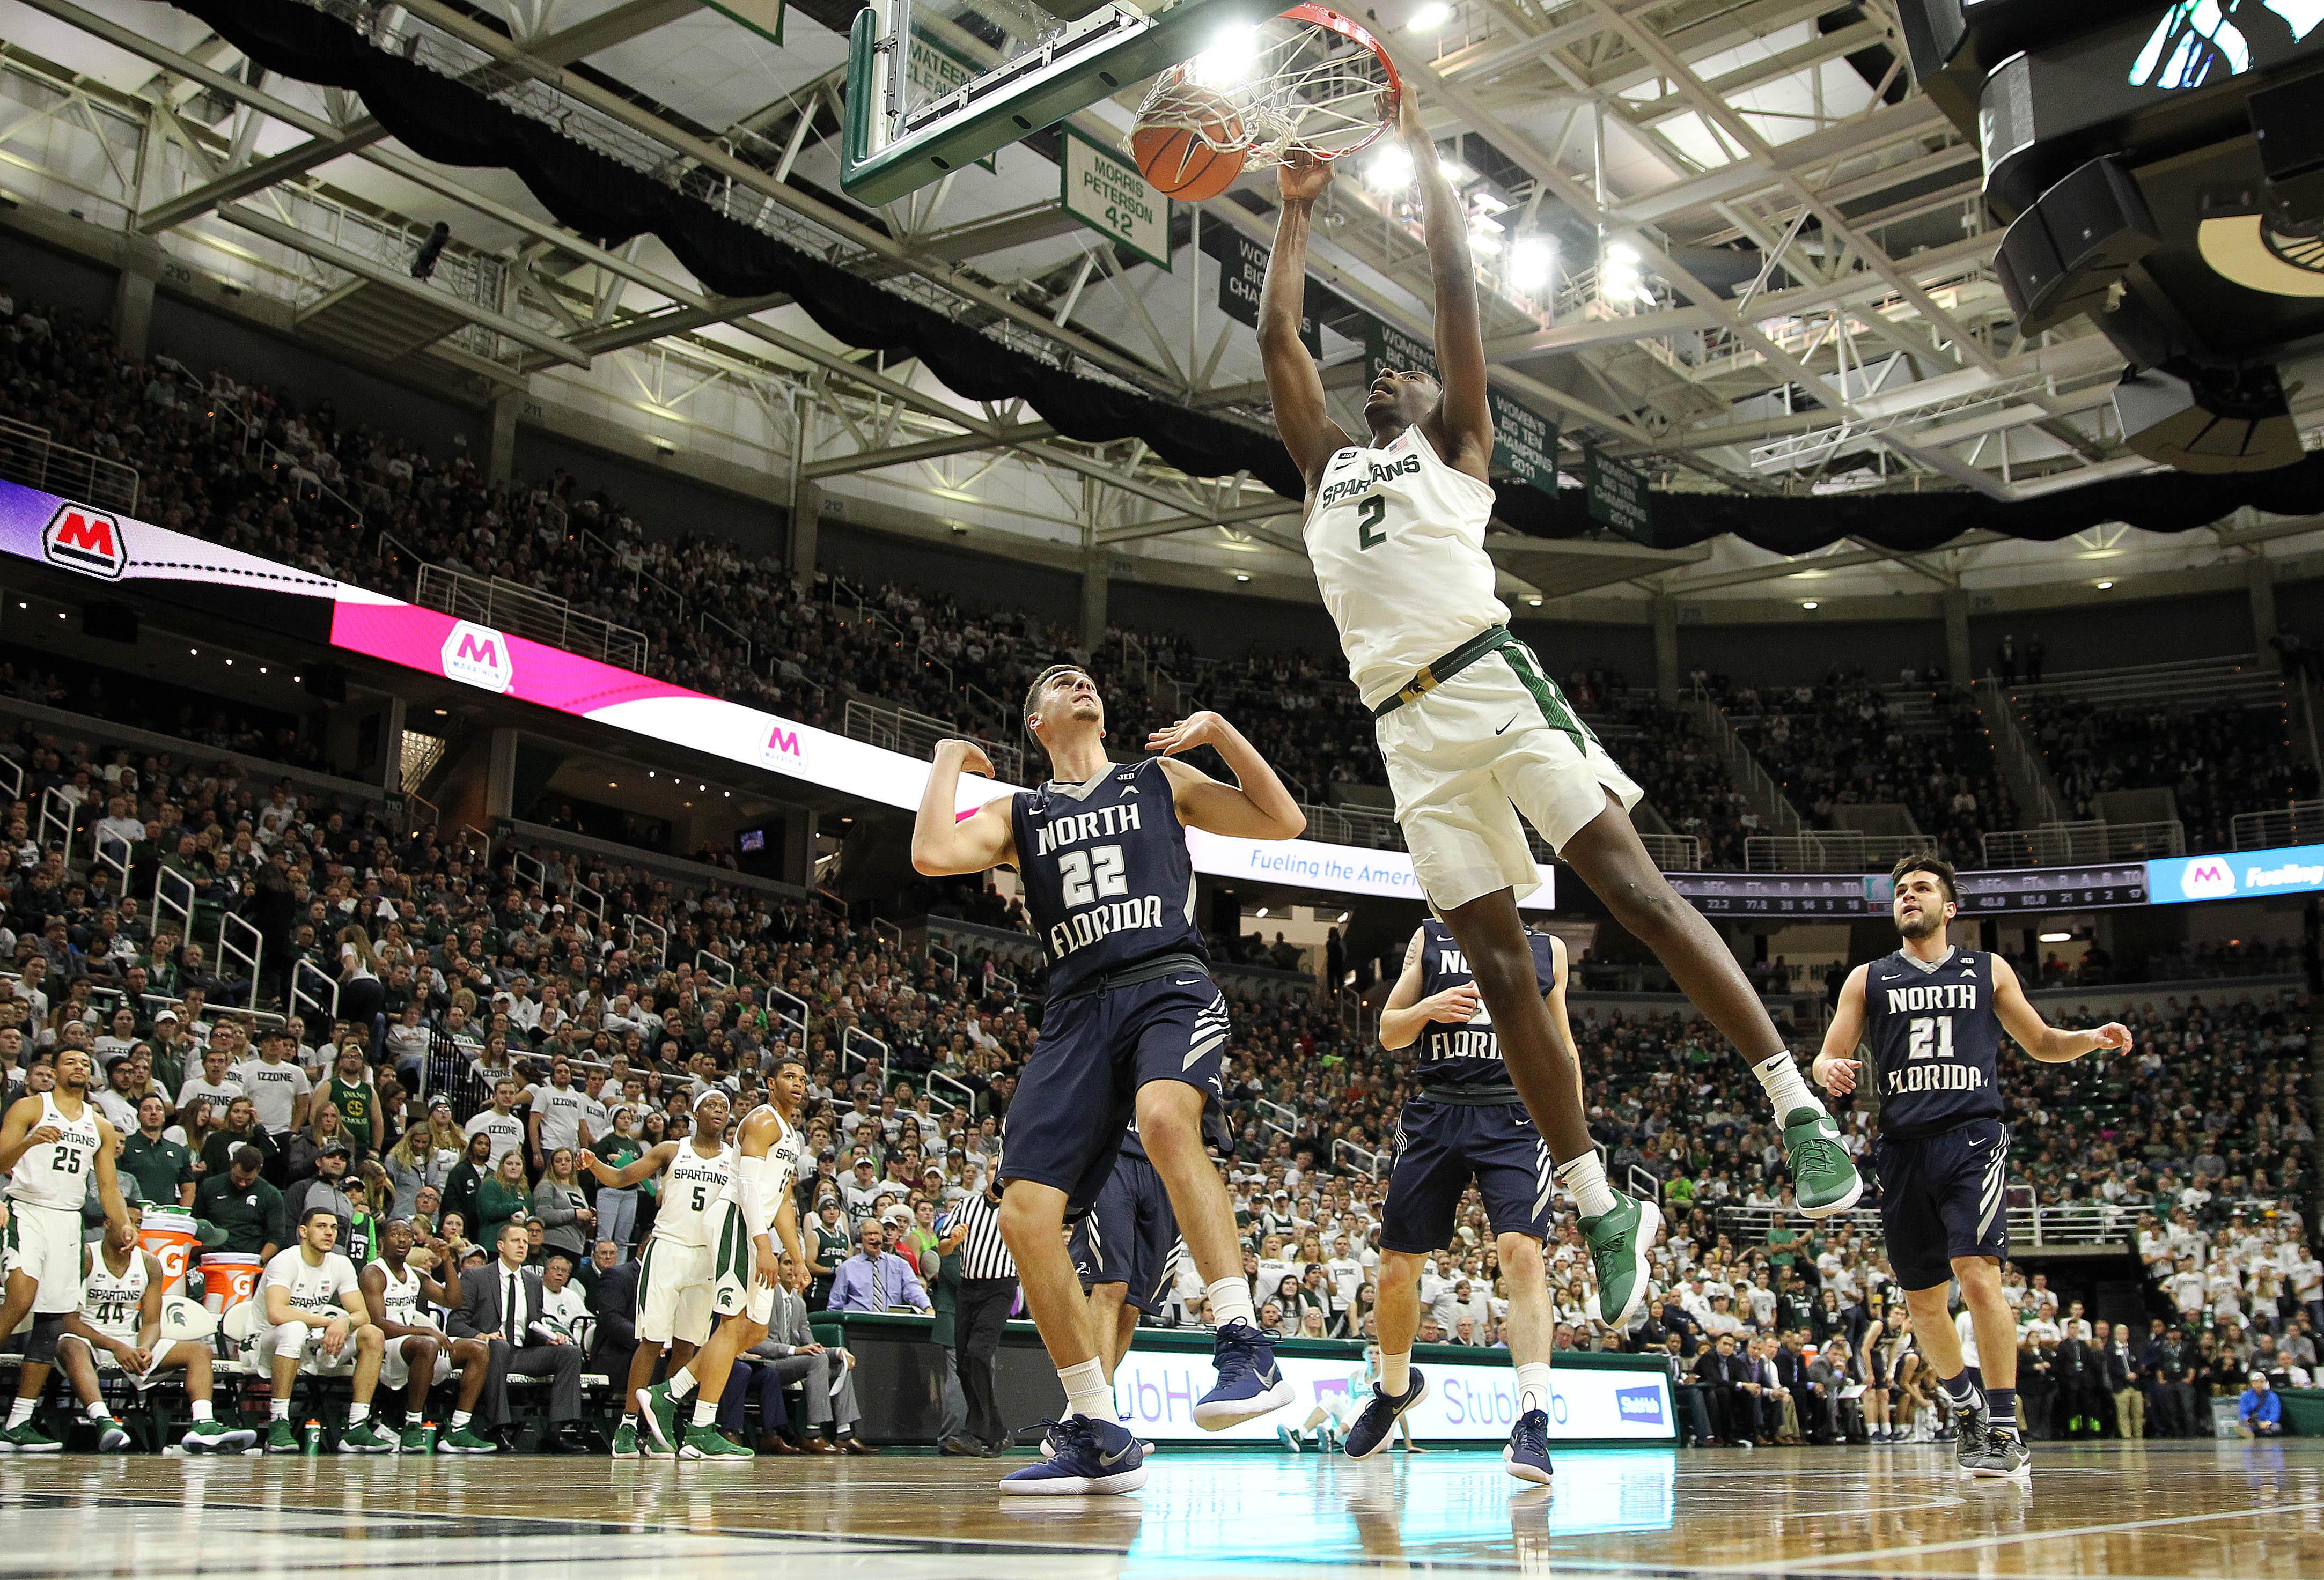 NCAA Basketball: North Florida at Michigan State